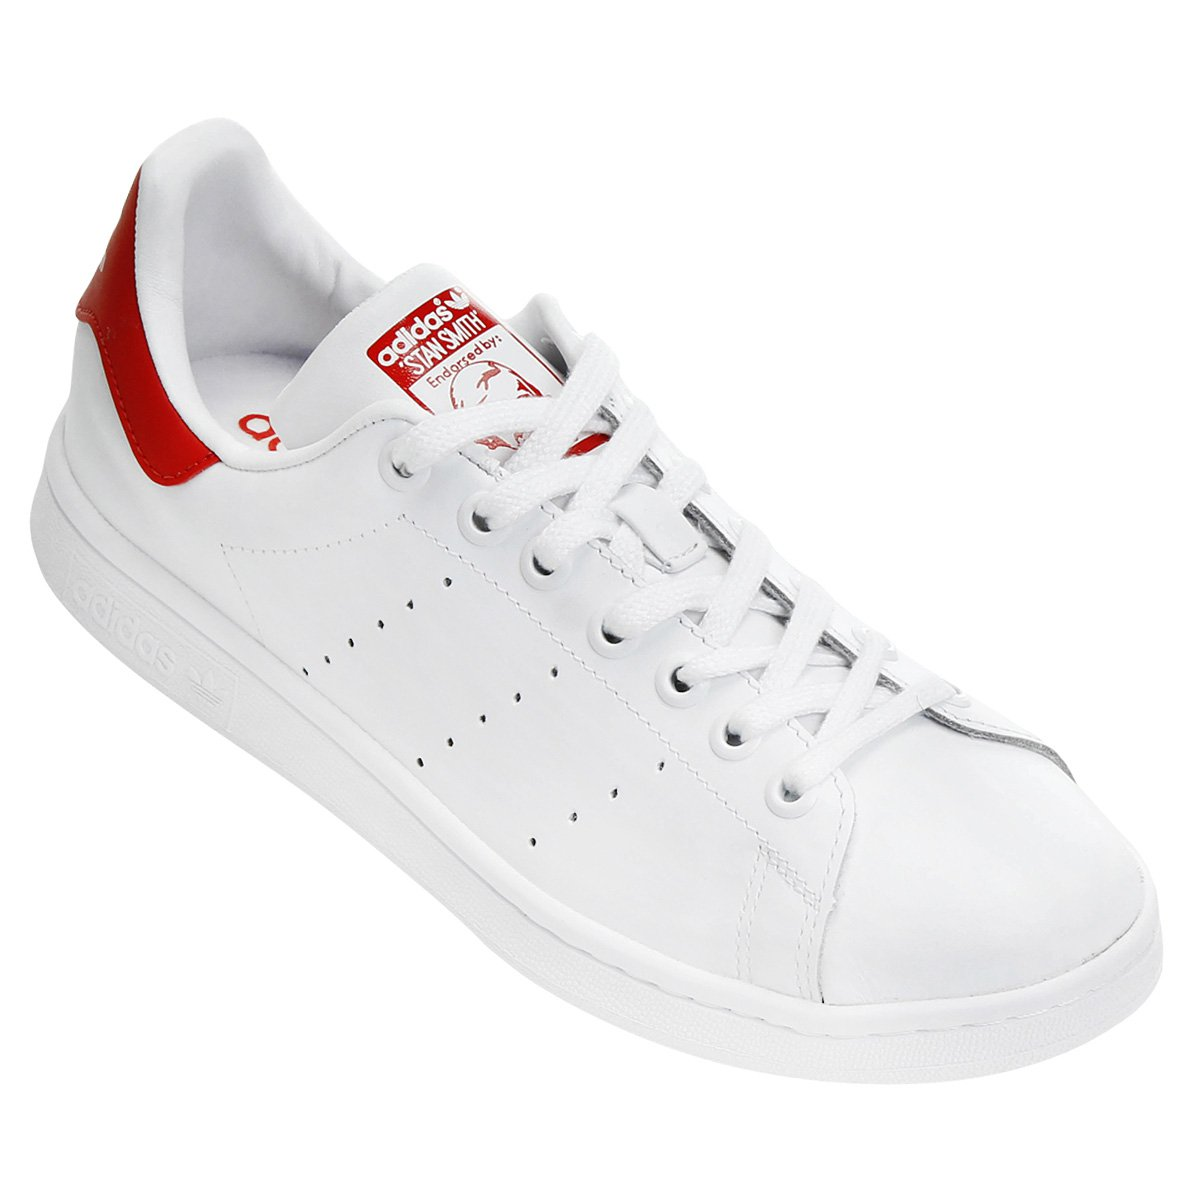 3088b23da7c98 Tênis Adidas Stan Smith - Branco e Vermelho - Compre Agora